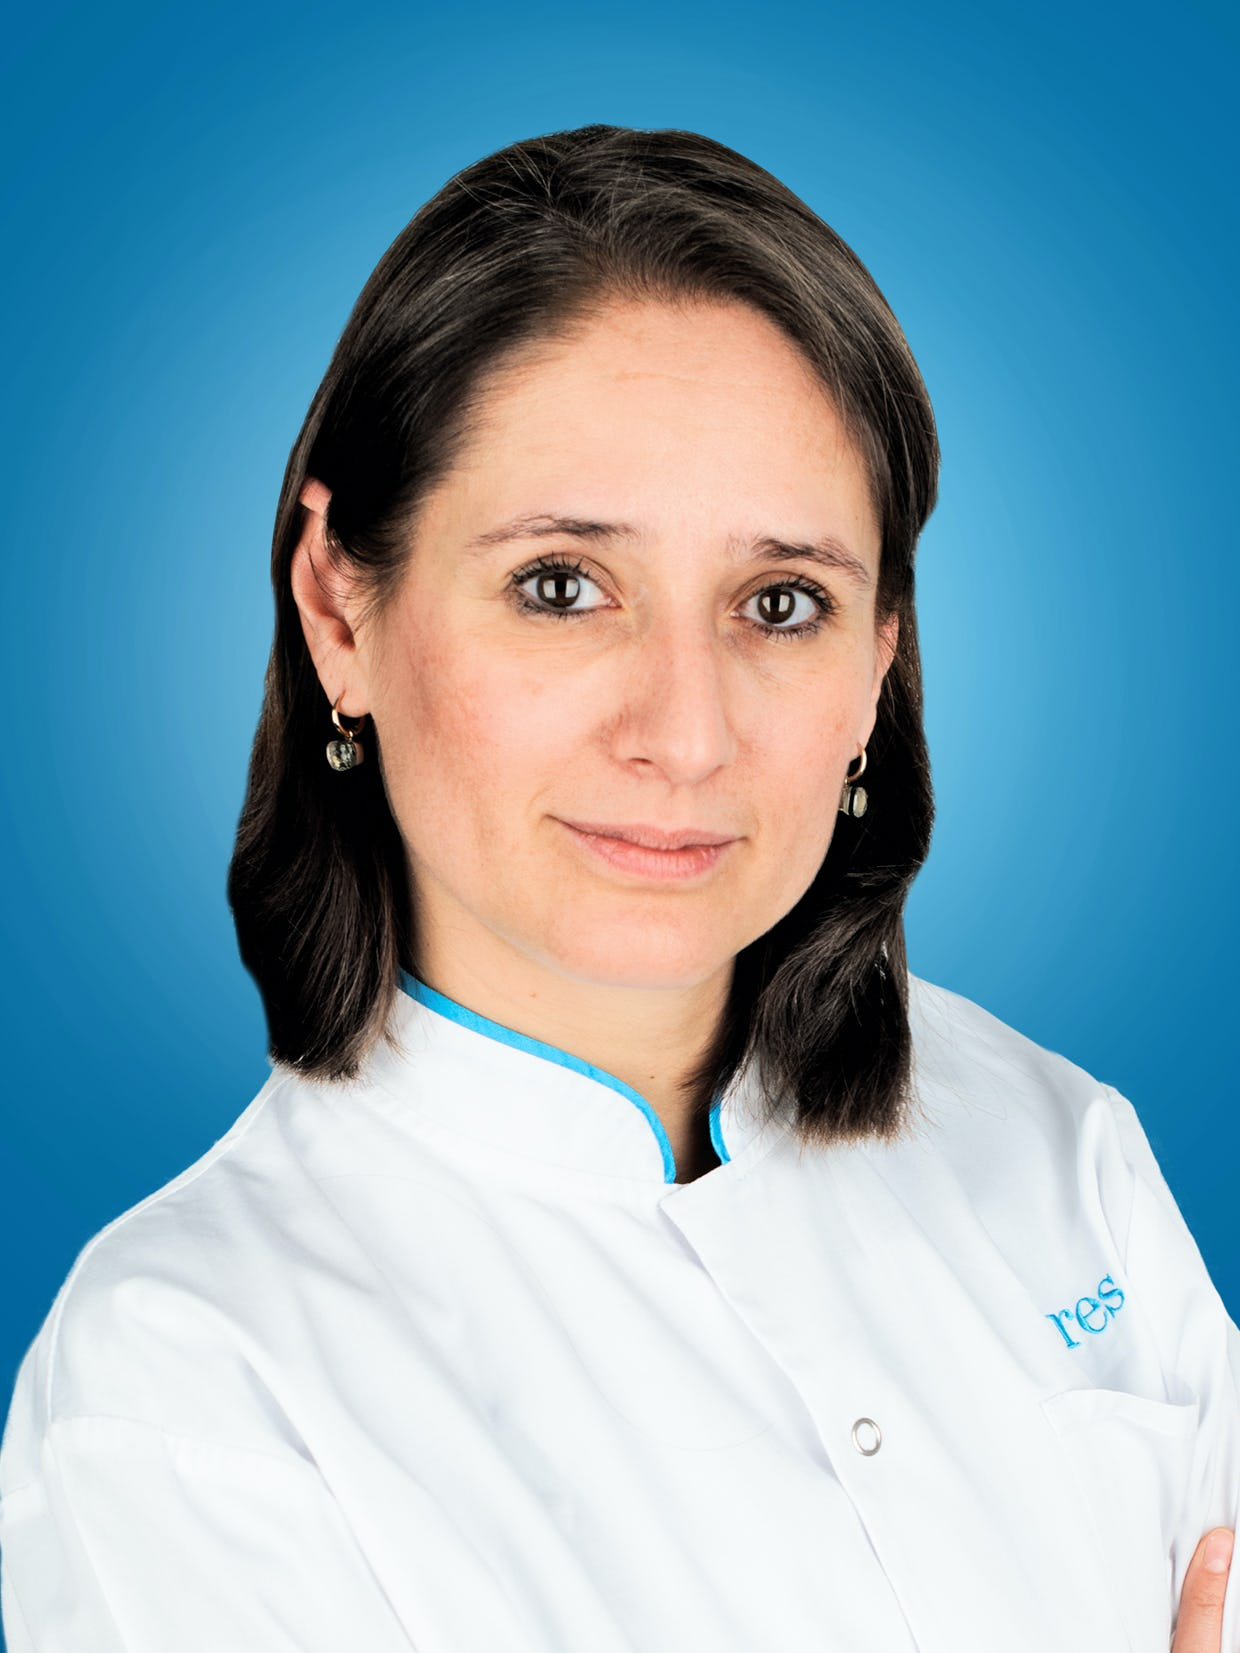 Doctor Mariuca Nicotera, medic primar cardiolog la Centrele Ares